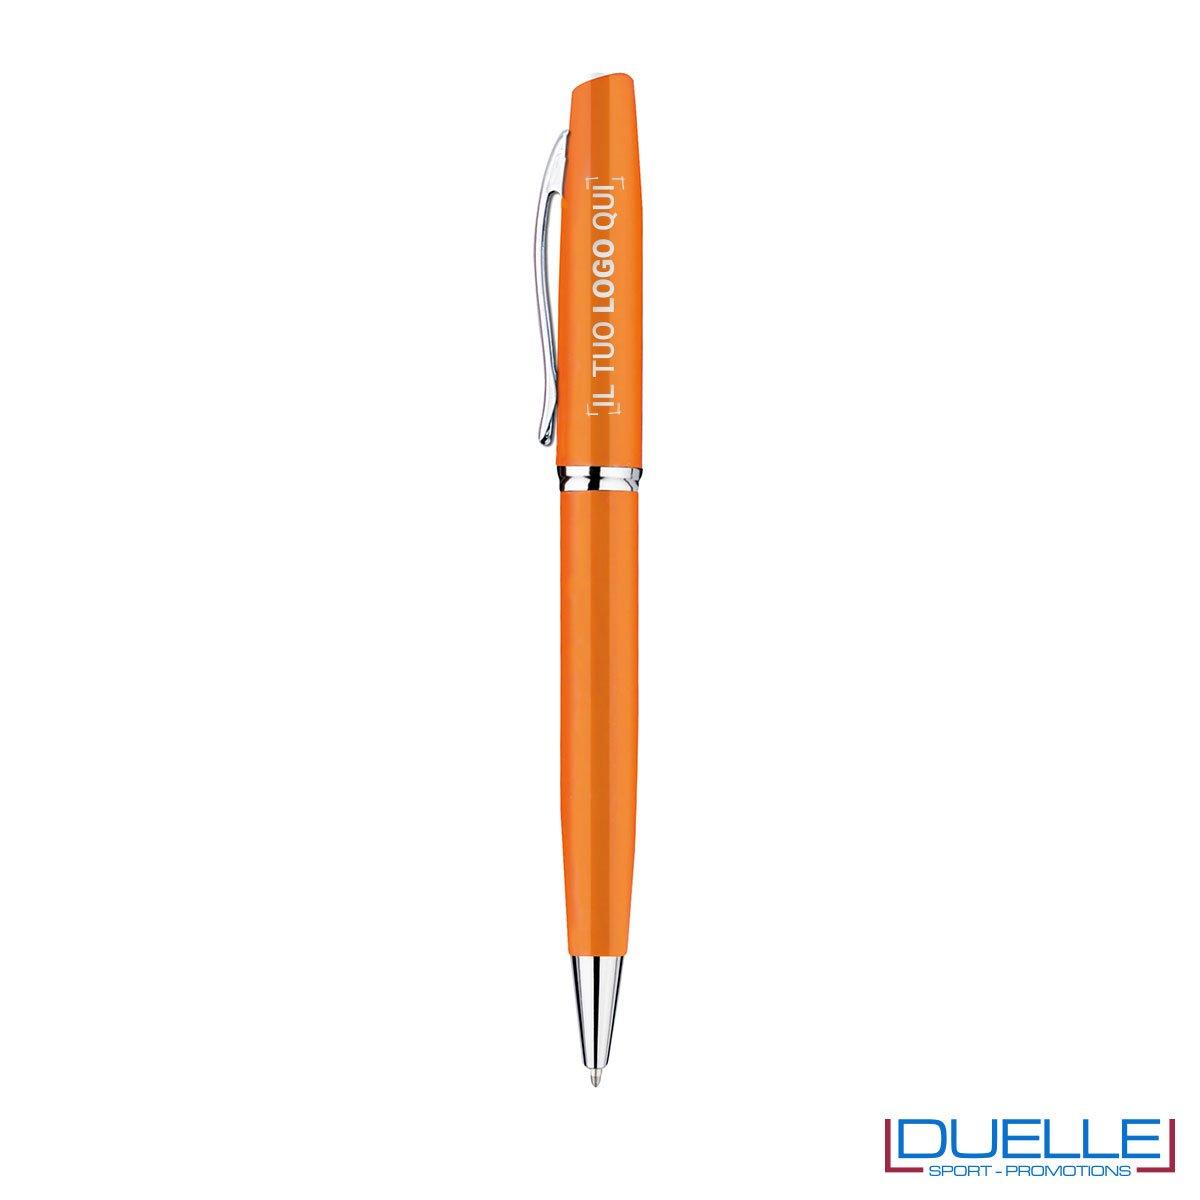 Penna a sfera in metallo personalizzata con incisione colore arancione